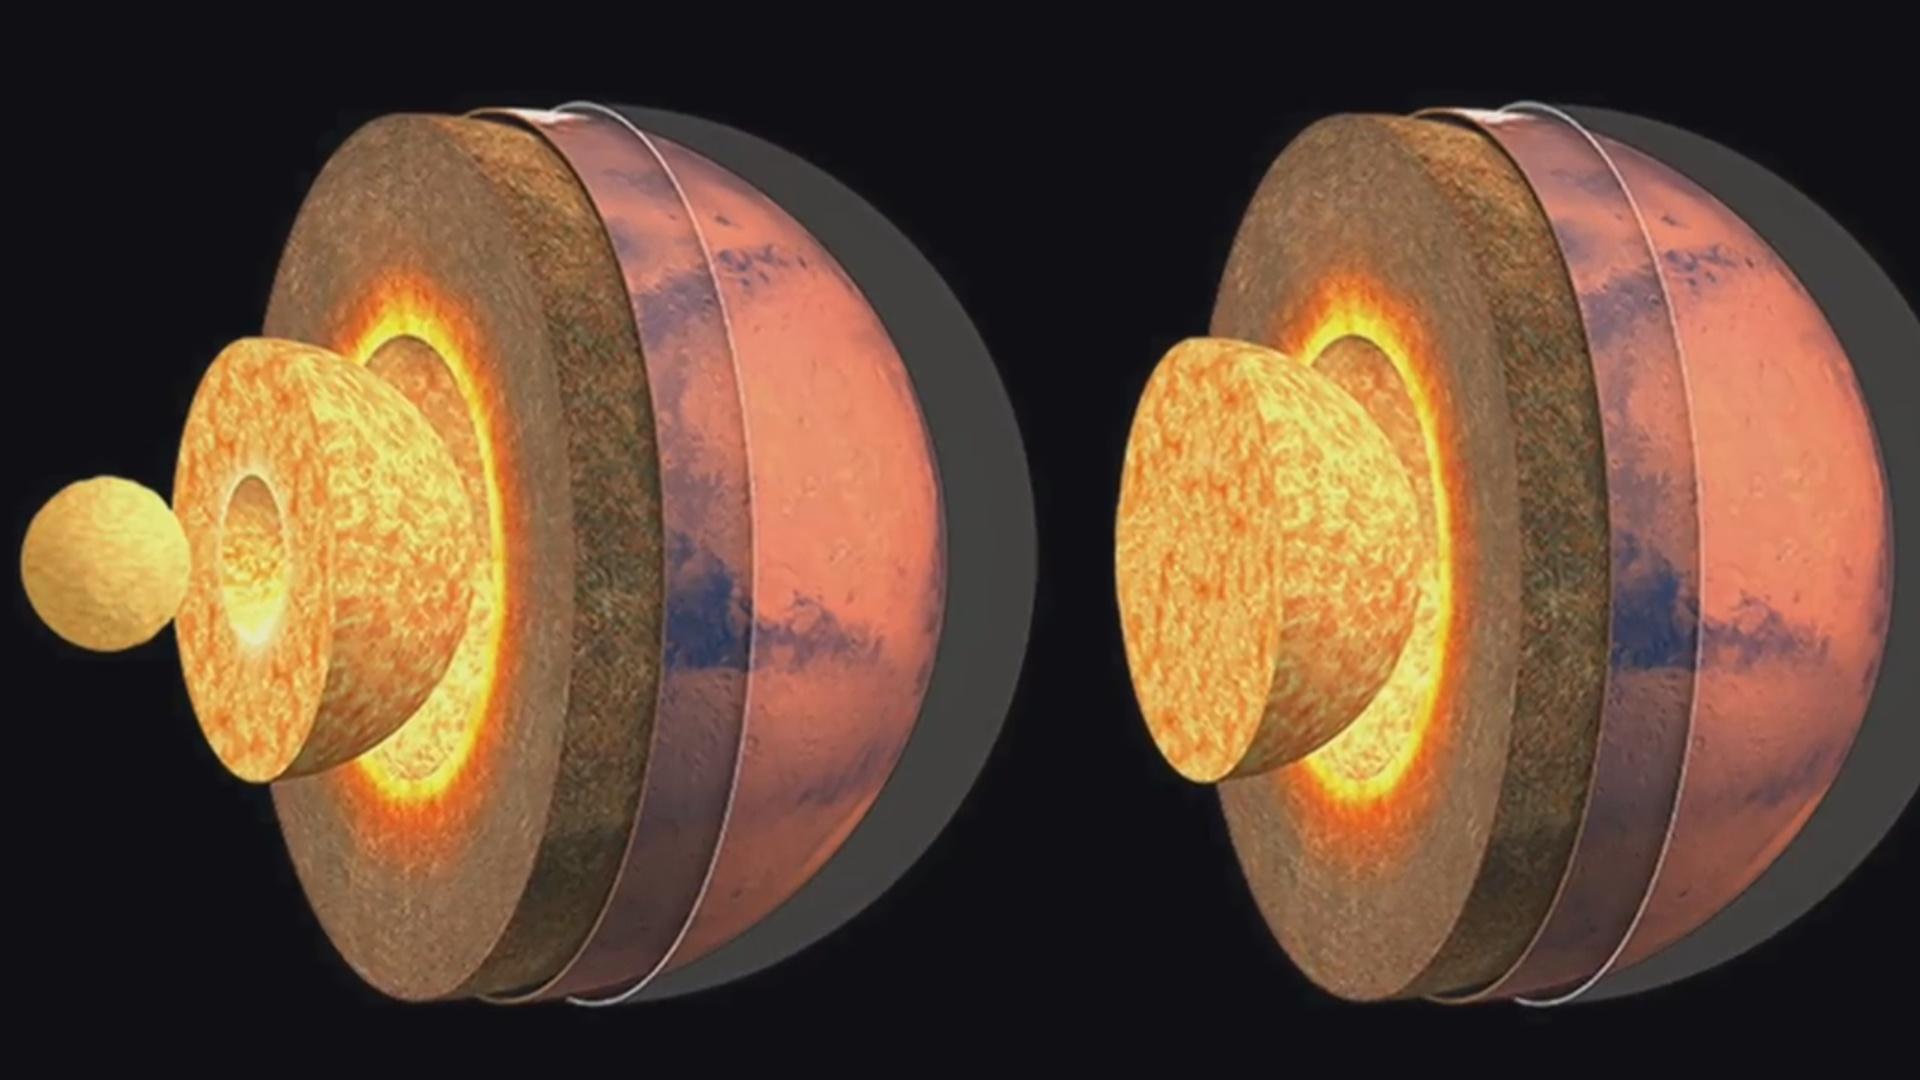 Alimlər Mars planetinin daxili strukturunu öyrənib